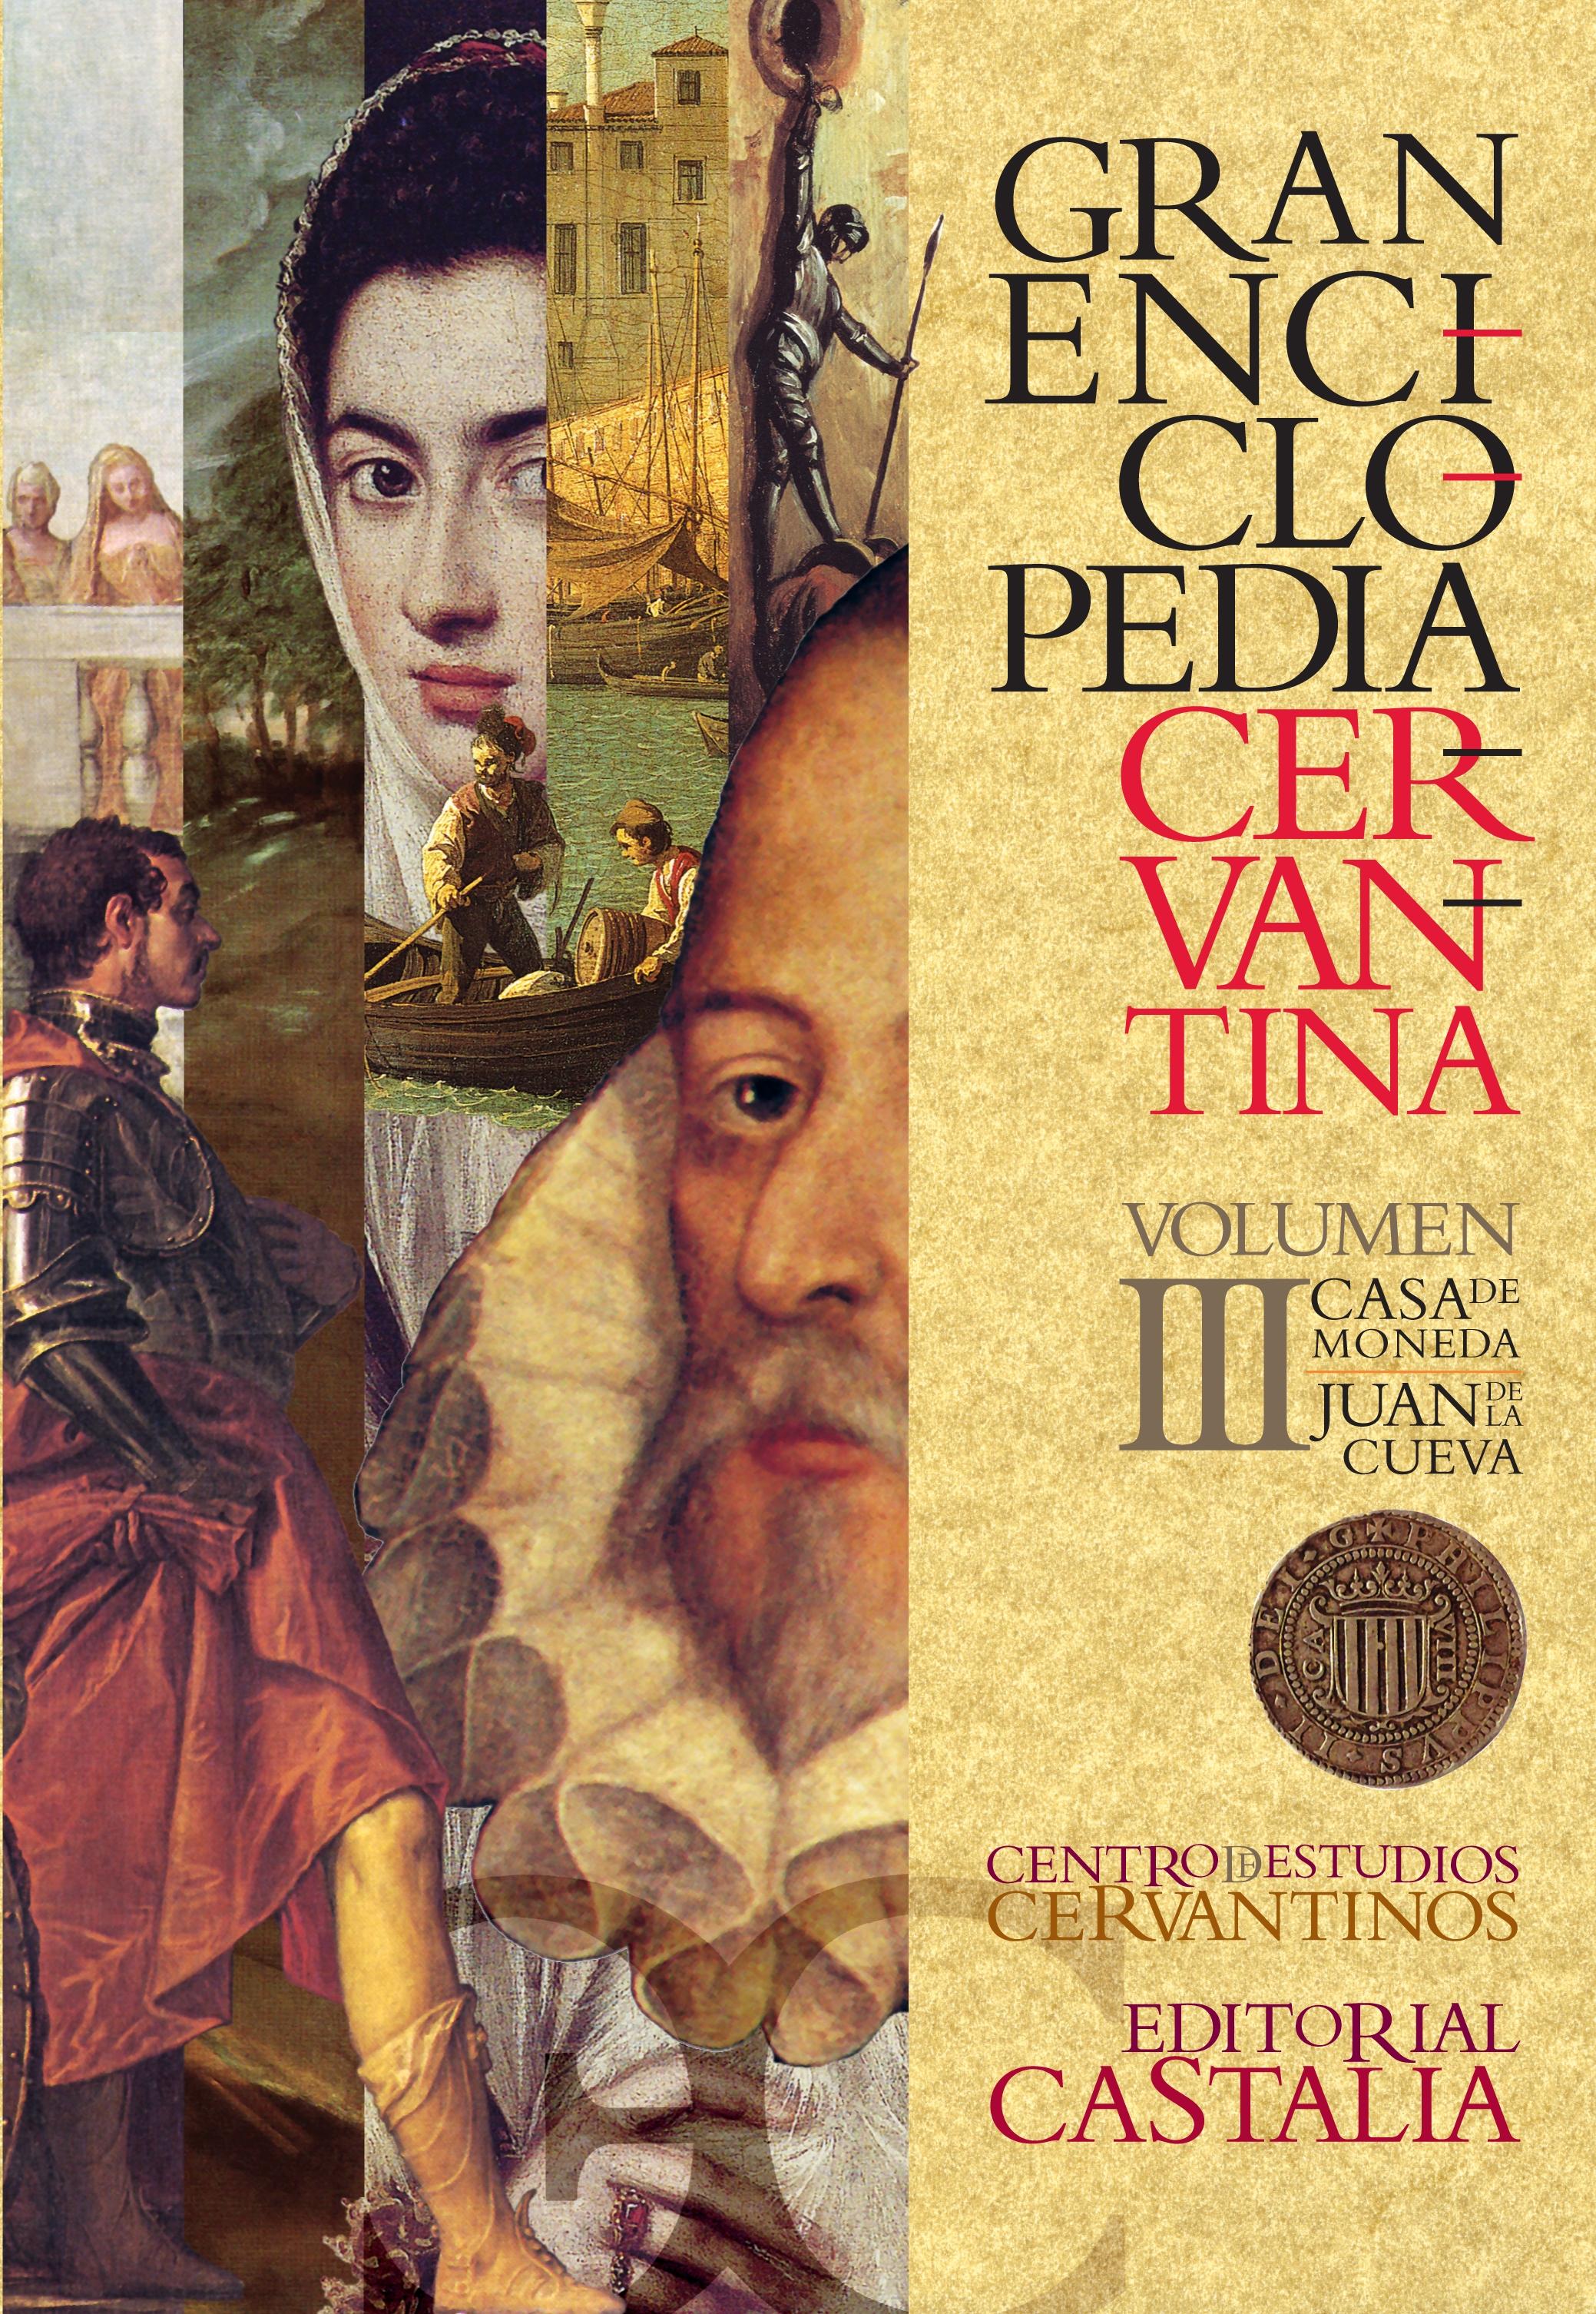 Gran Enciclopedia Cervantina. Volumen III. Casa de moneda. Juan de la Cueva